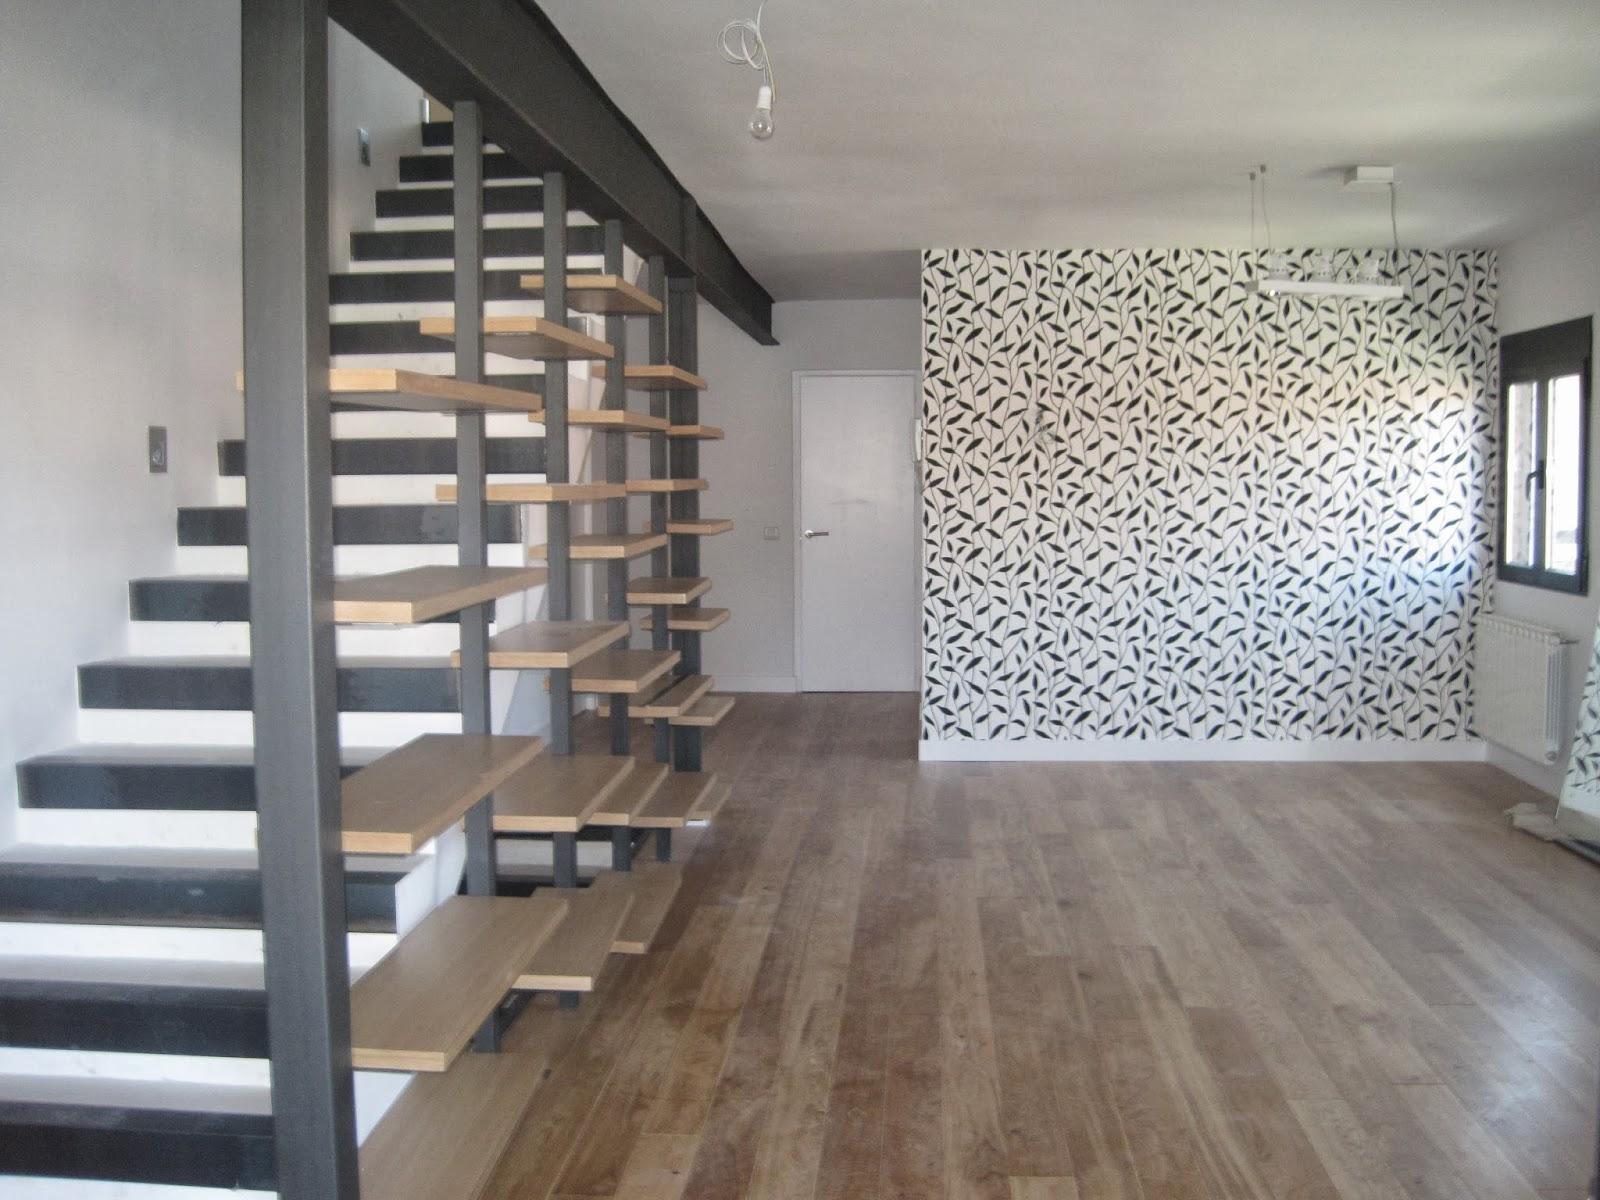 Marta decoycina escaleras subir con estilo - Escaleras de madera modernas ...